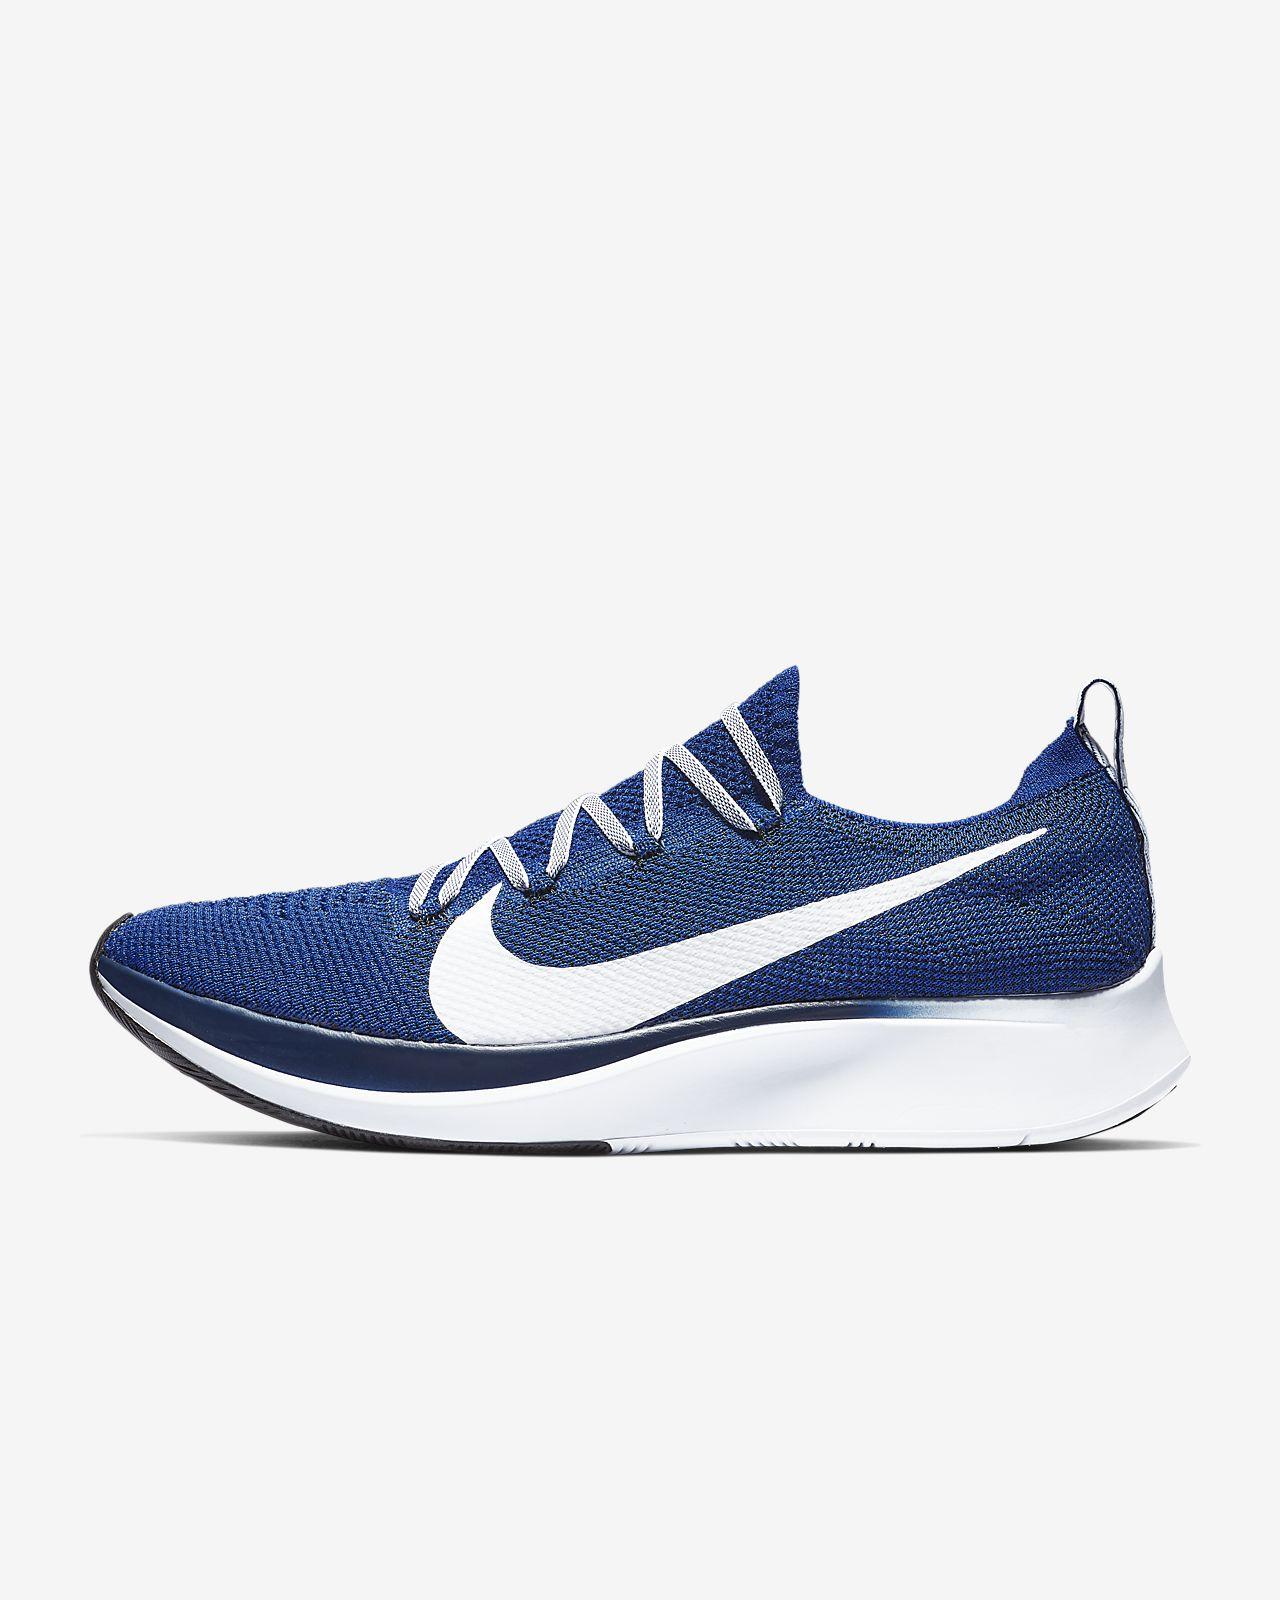 Nike Zoom Fly Flyknit Hardloopschoen voor heren